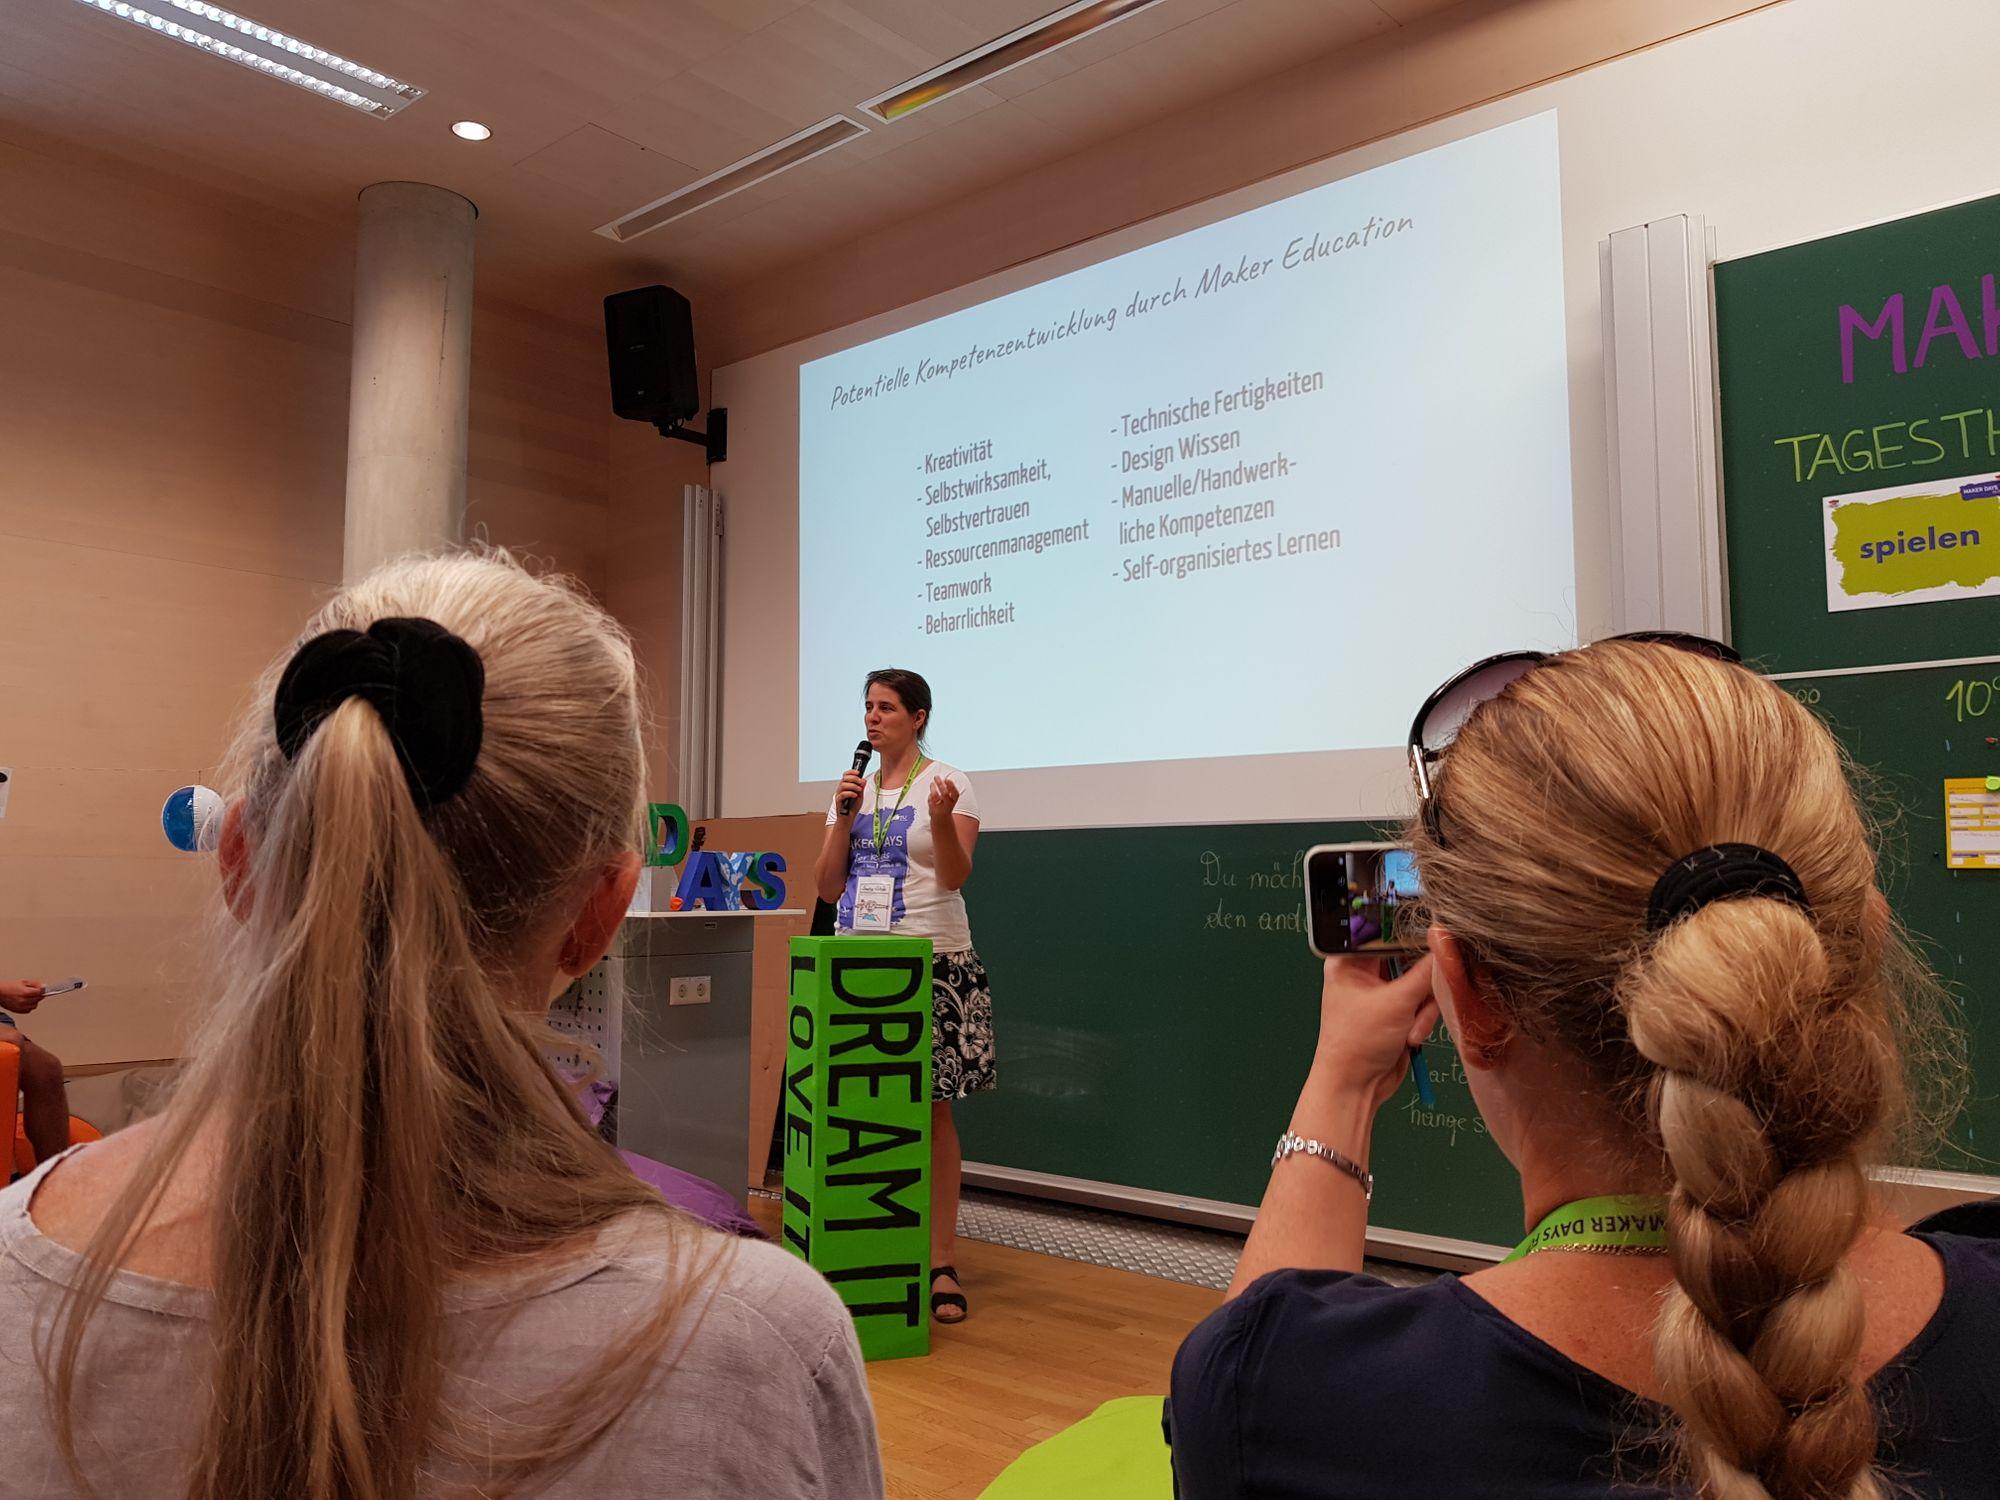 Sandra Schön zu Potentieller Kompetenzentwicklung durch Maker Education.